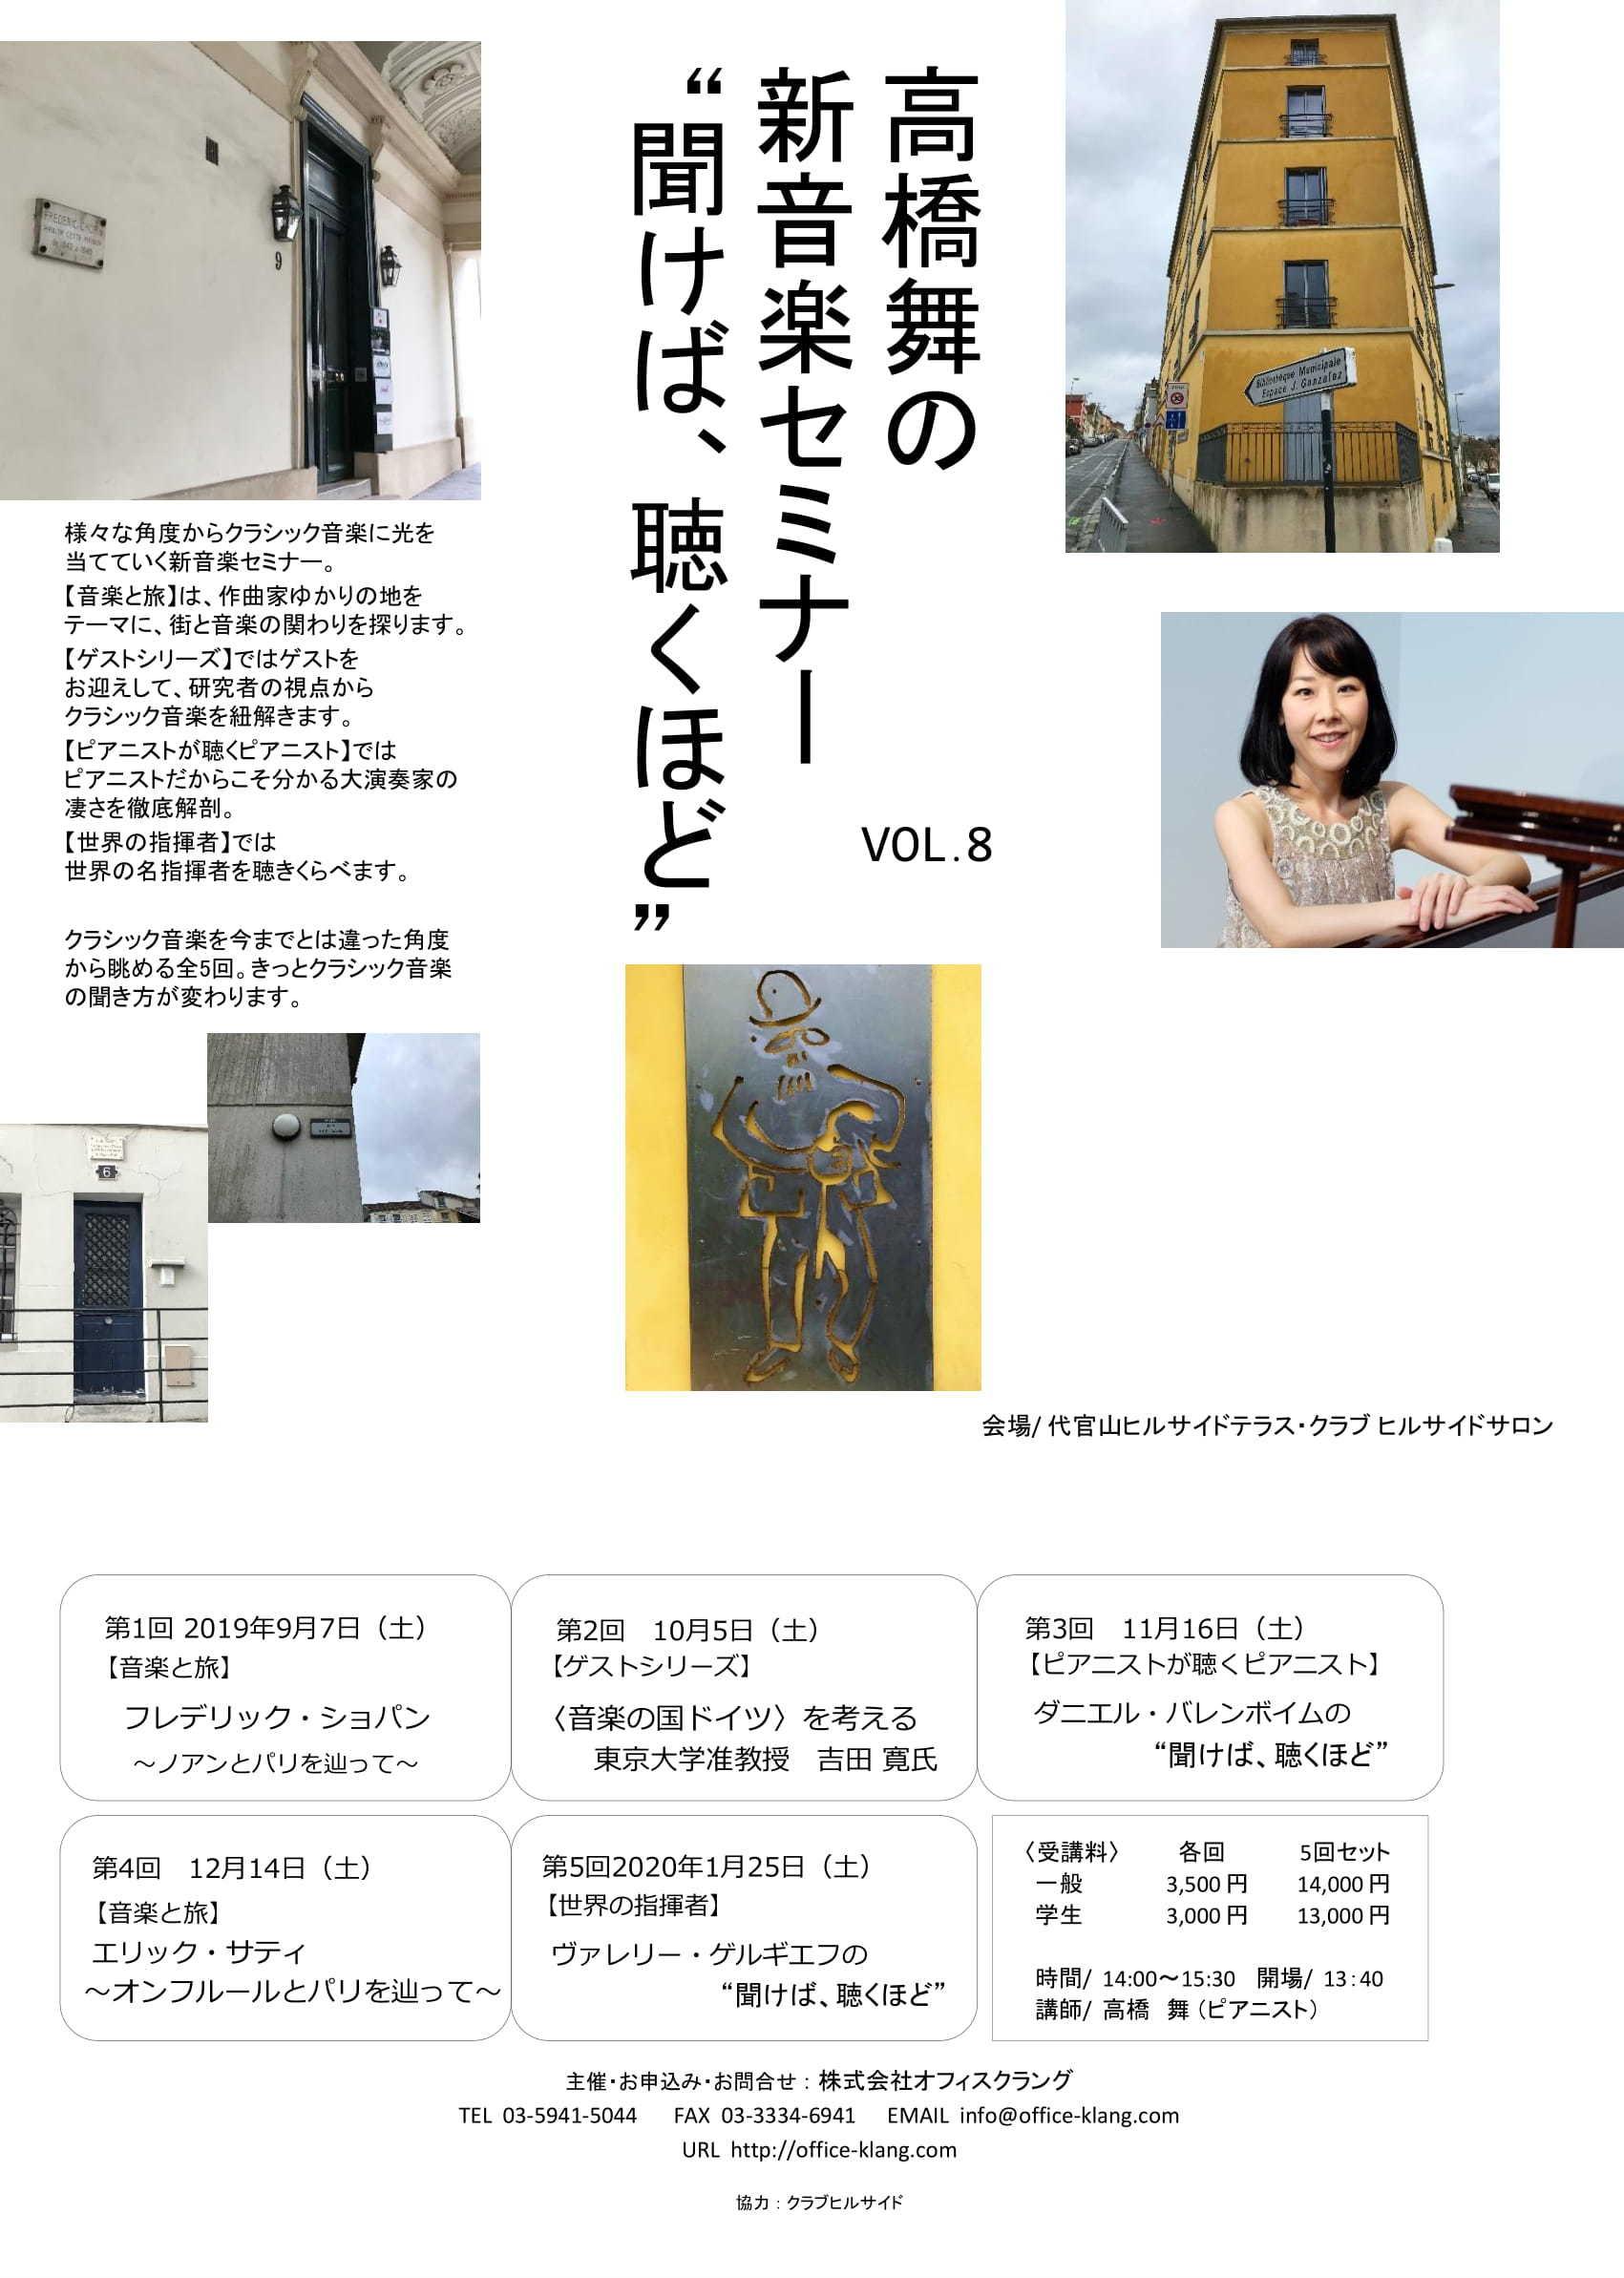 """高橋舞の新音楽セミナー\""""聞けば、聴くほど\""""Vol.8_f0178060_20375827.jpg"""